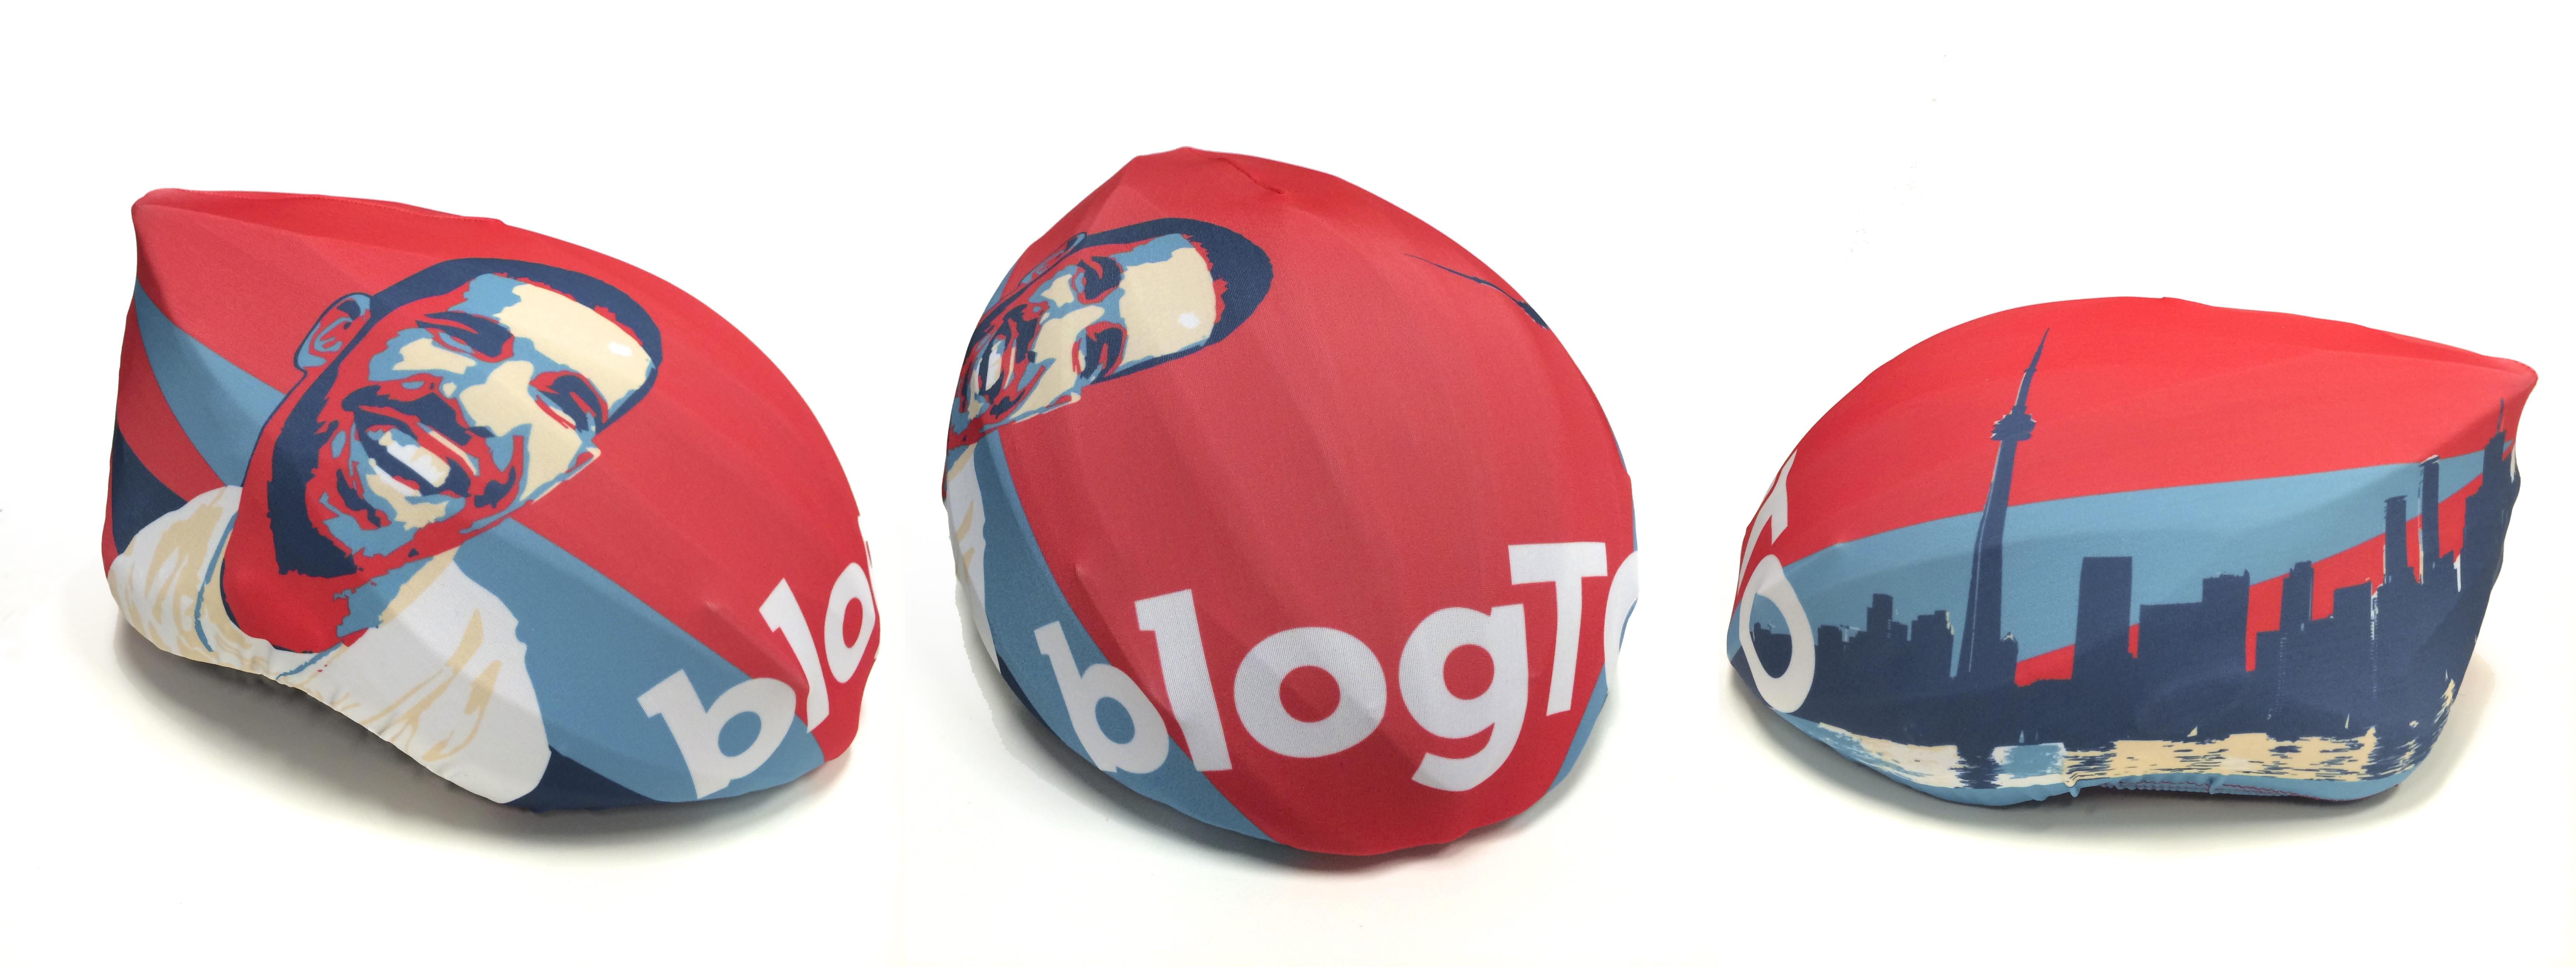 blogTO_helmet